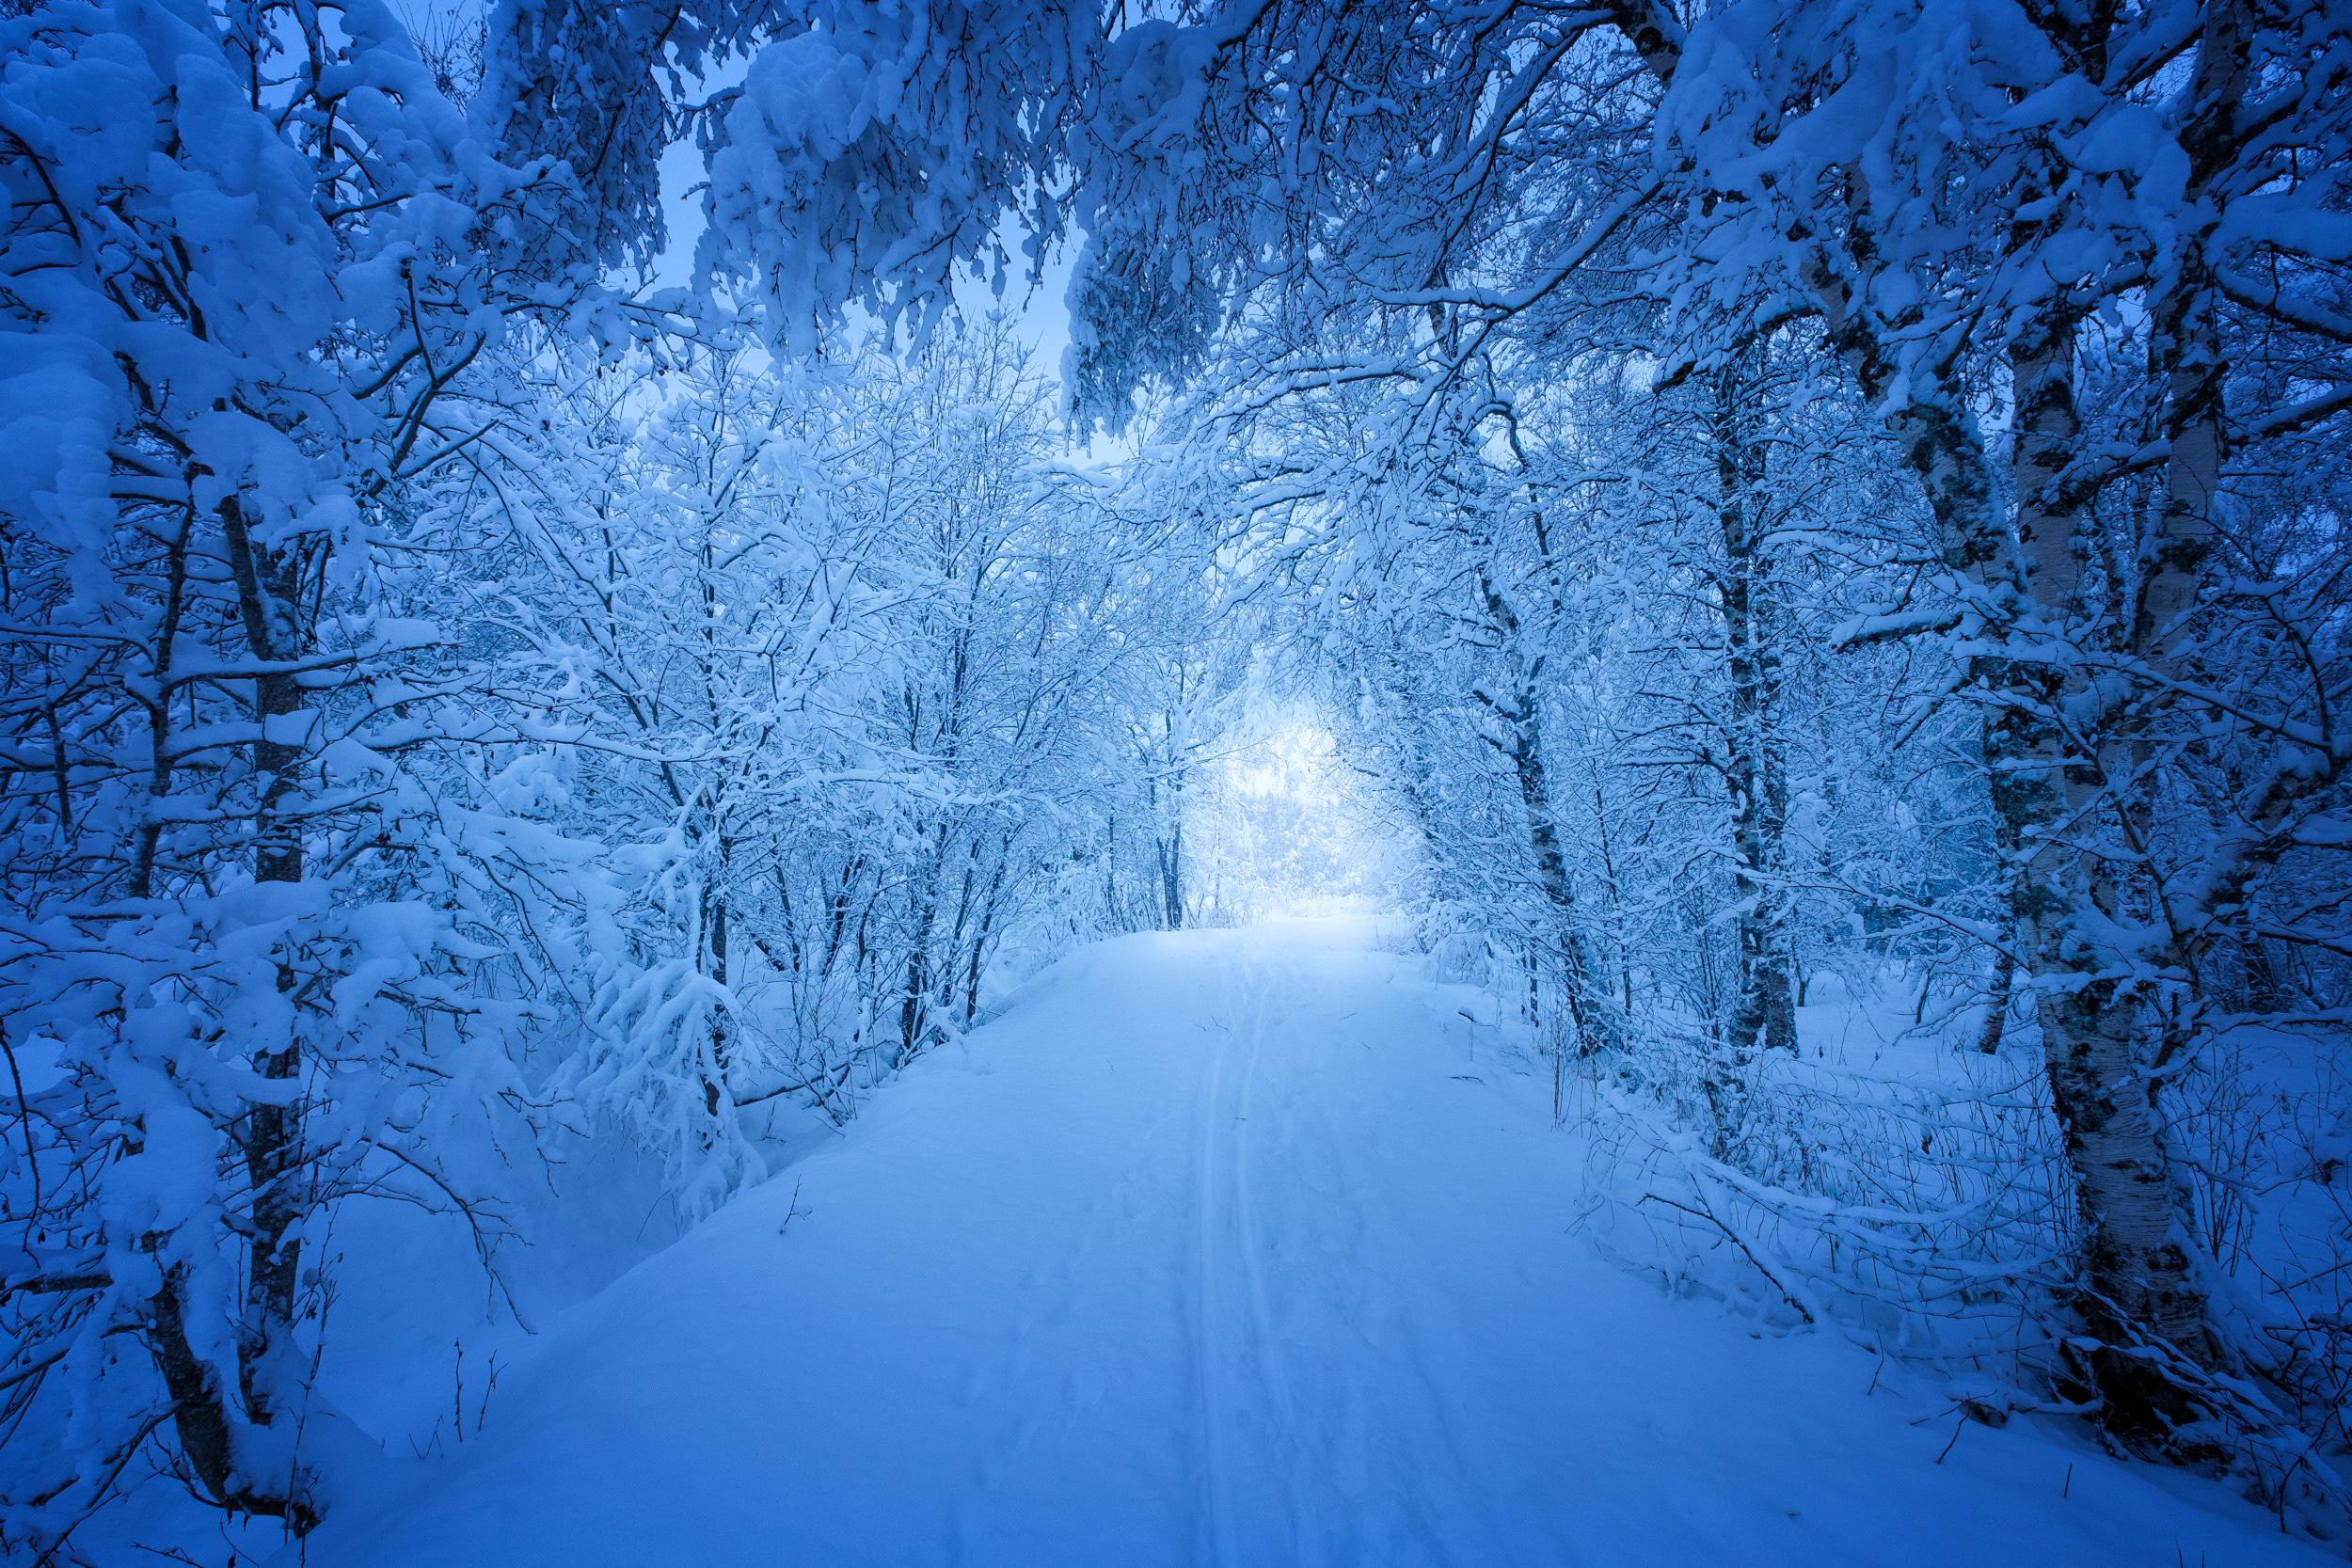 обои зима, снег, лес, деревья картинки фото